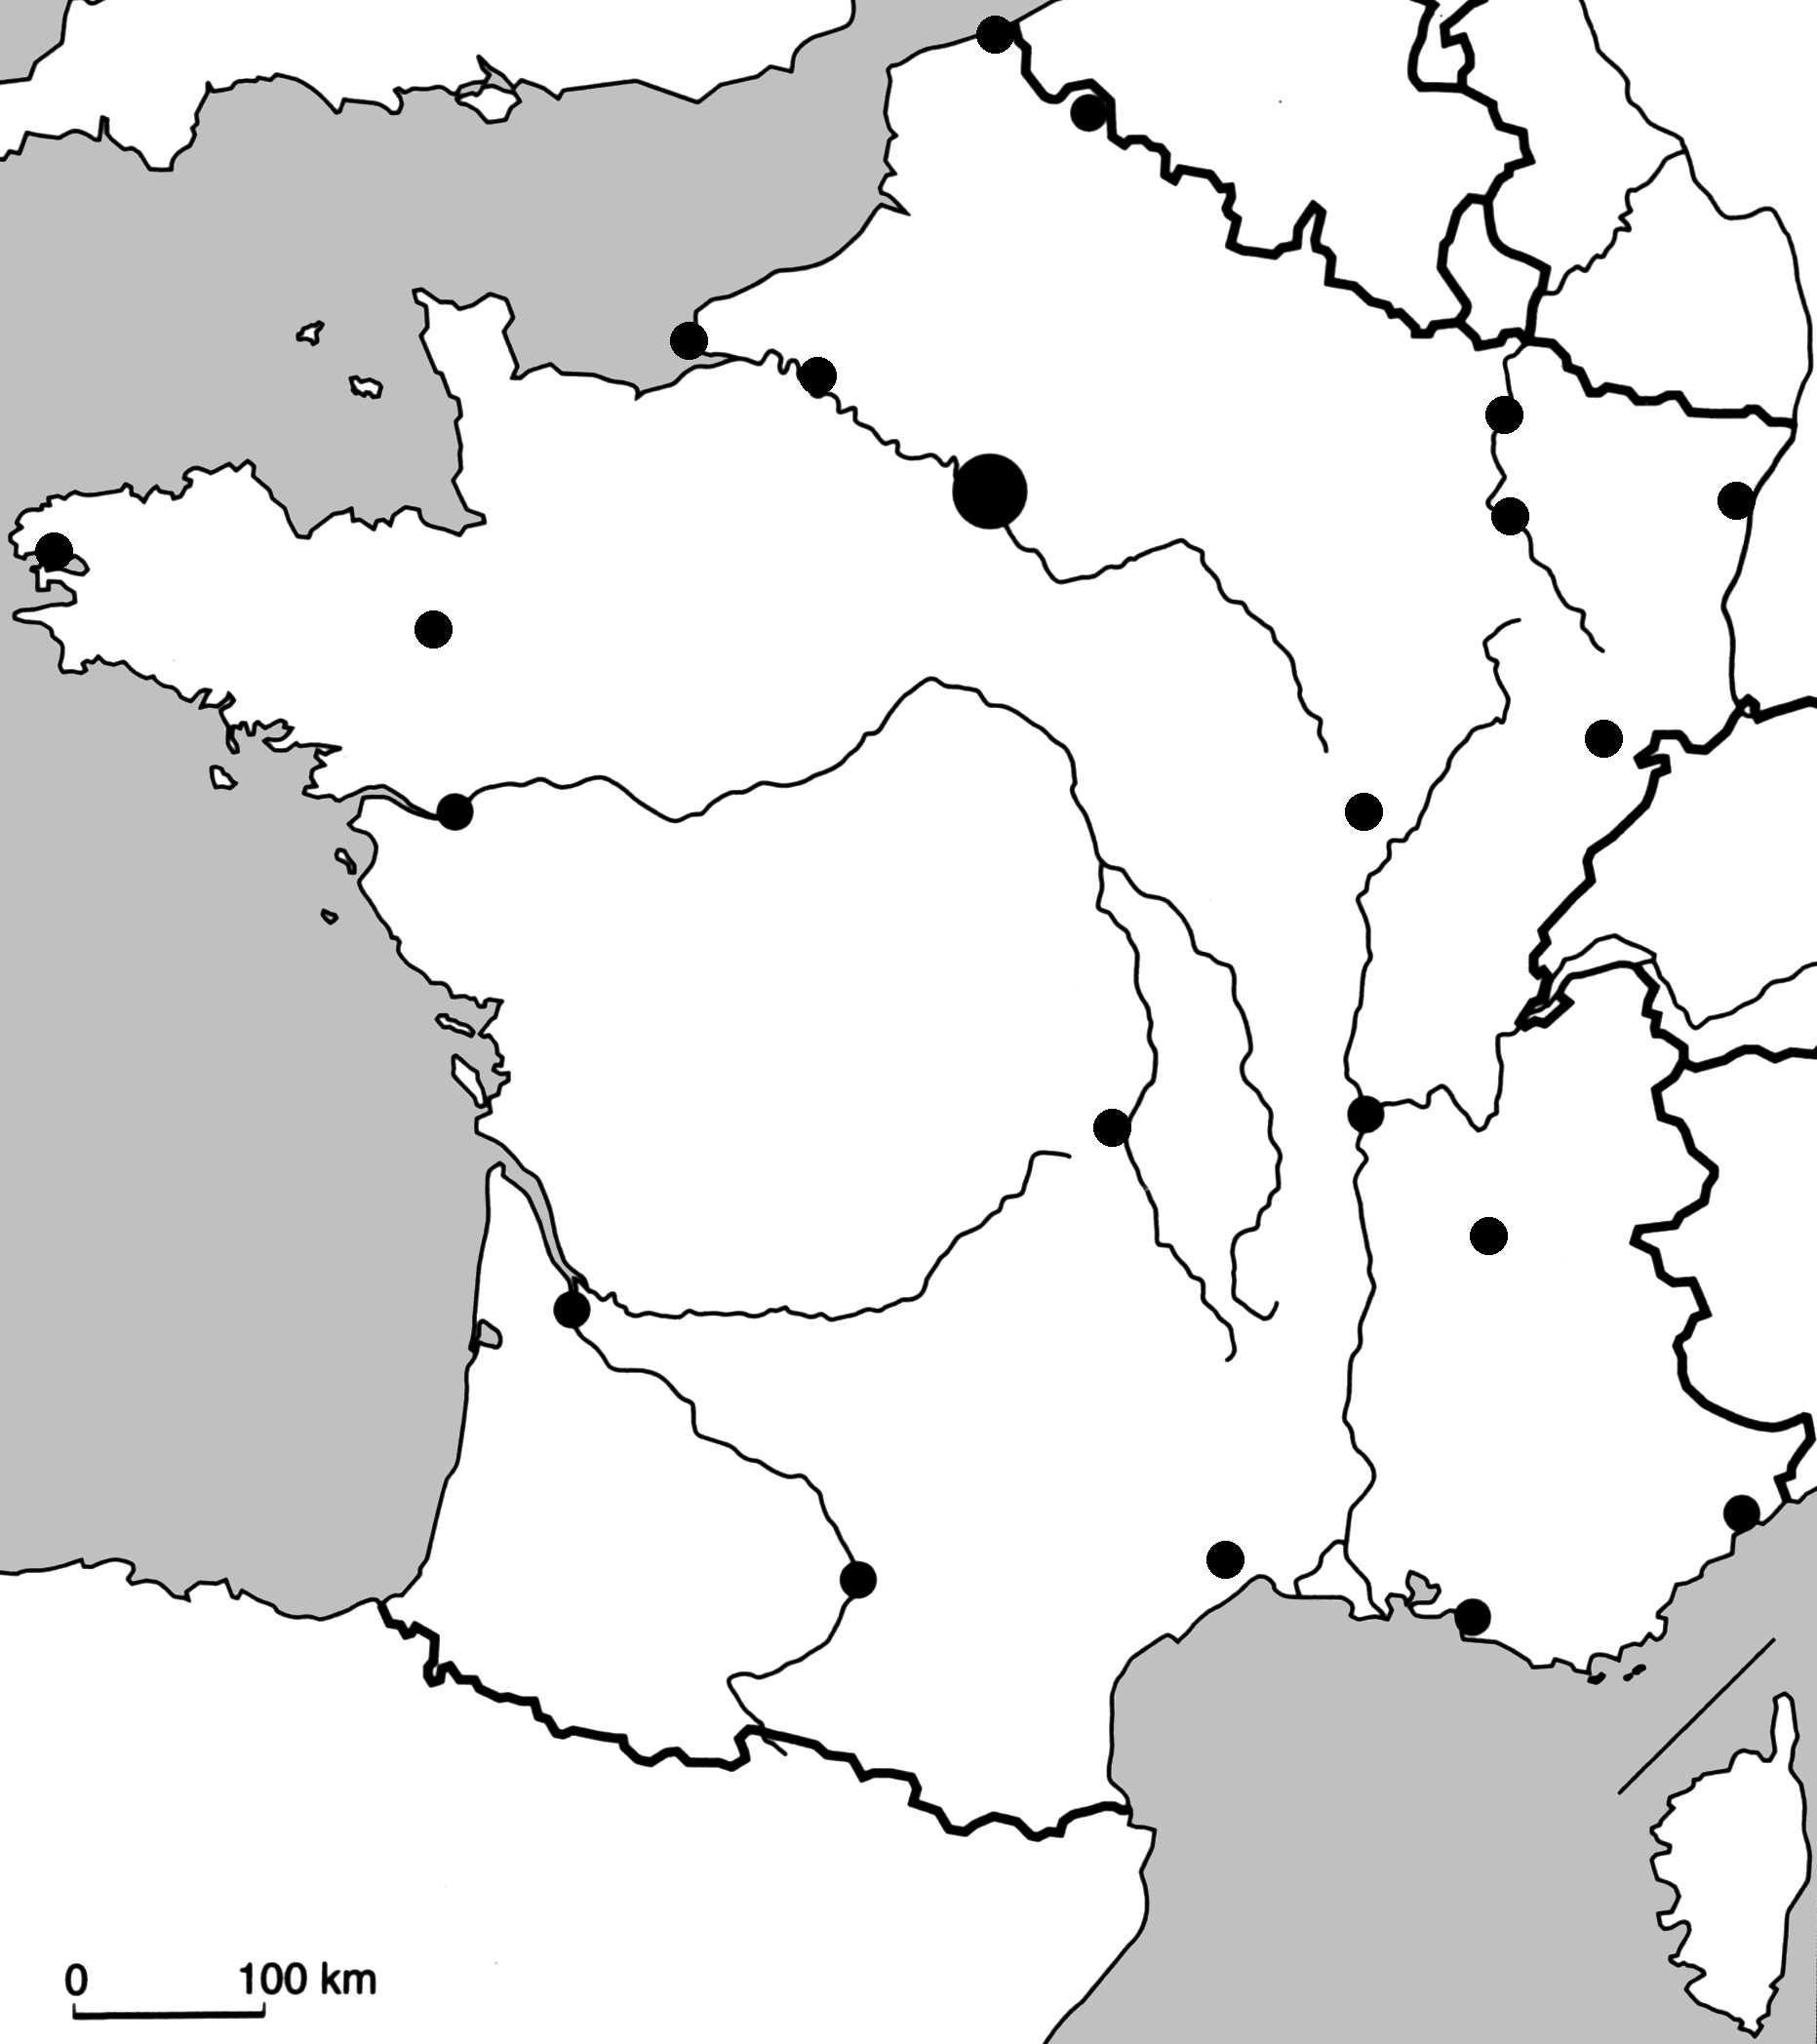 Afficher L'image D'origine   Carte France Vierge, Fleuve De dedans Carte Des Fleuves De France